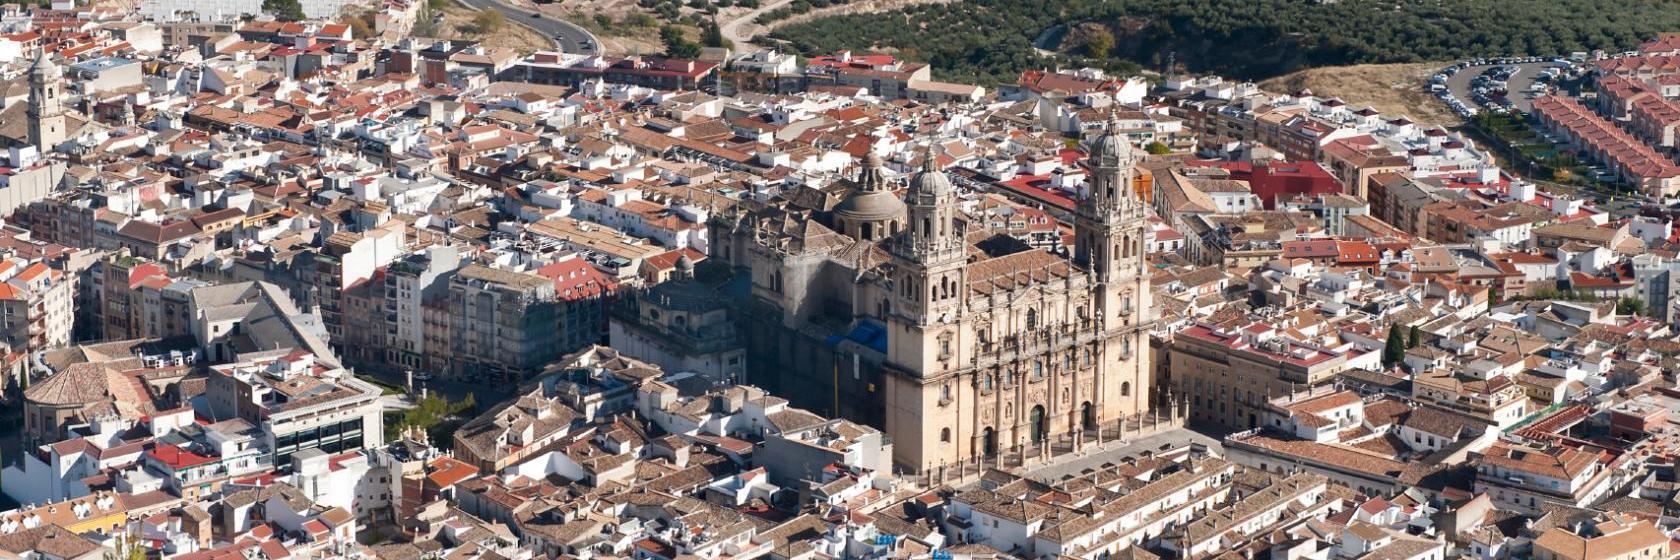 Los 10 mejores hoteles de Jaén, España (precios desde $ 2.861)